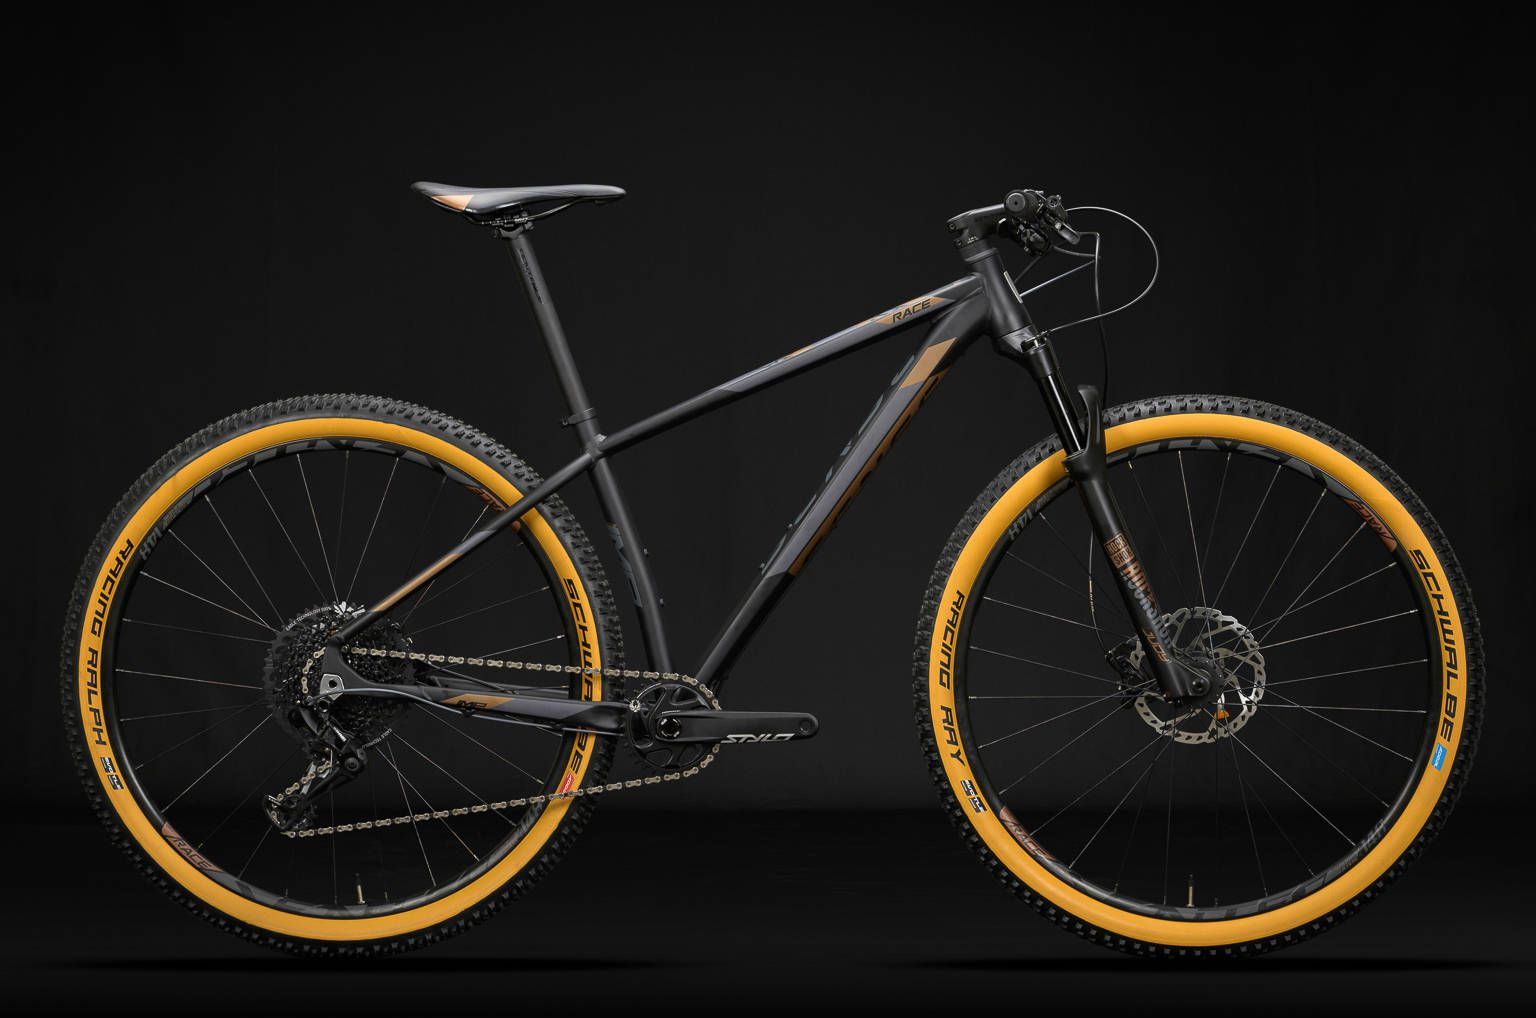 Bicicleta 29 Sense Impact Race Sram GX Eagle 12v 2020